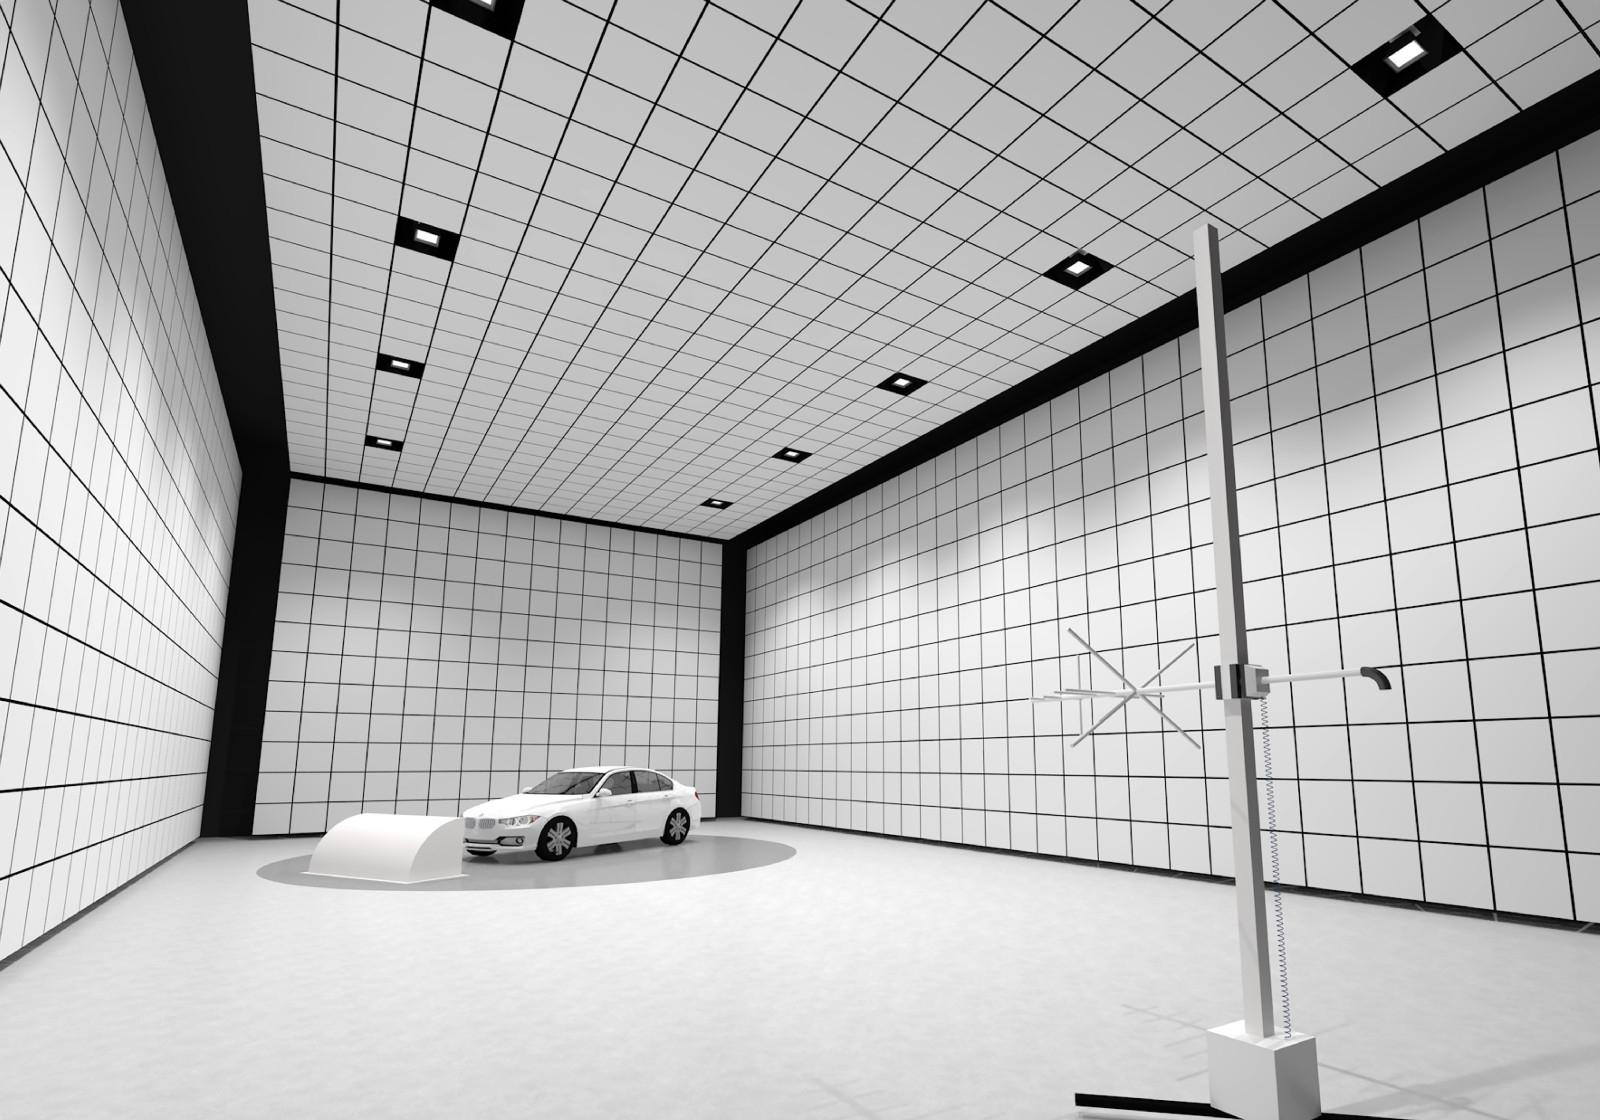 図3 シャシー・ダイナモ・メーターを備えた大型の電波暗室 走行環境を模擬した状態でEMC(電磁両立性)試験できる。21年10月に稼働を開始する予定である。(出所:村田製作所)